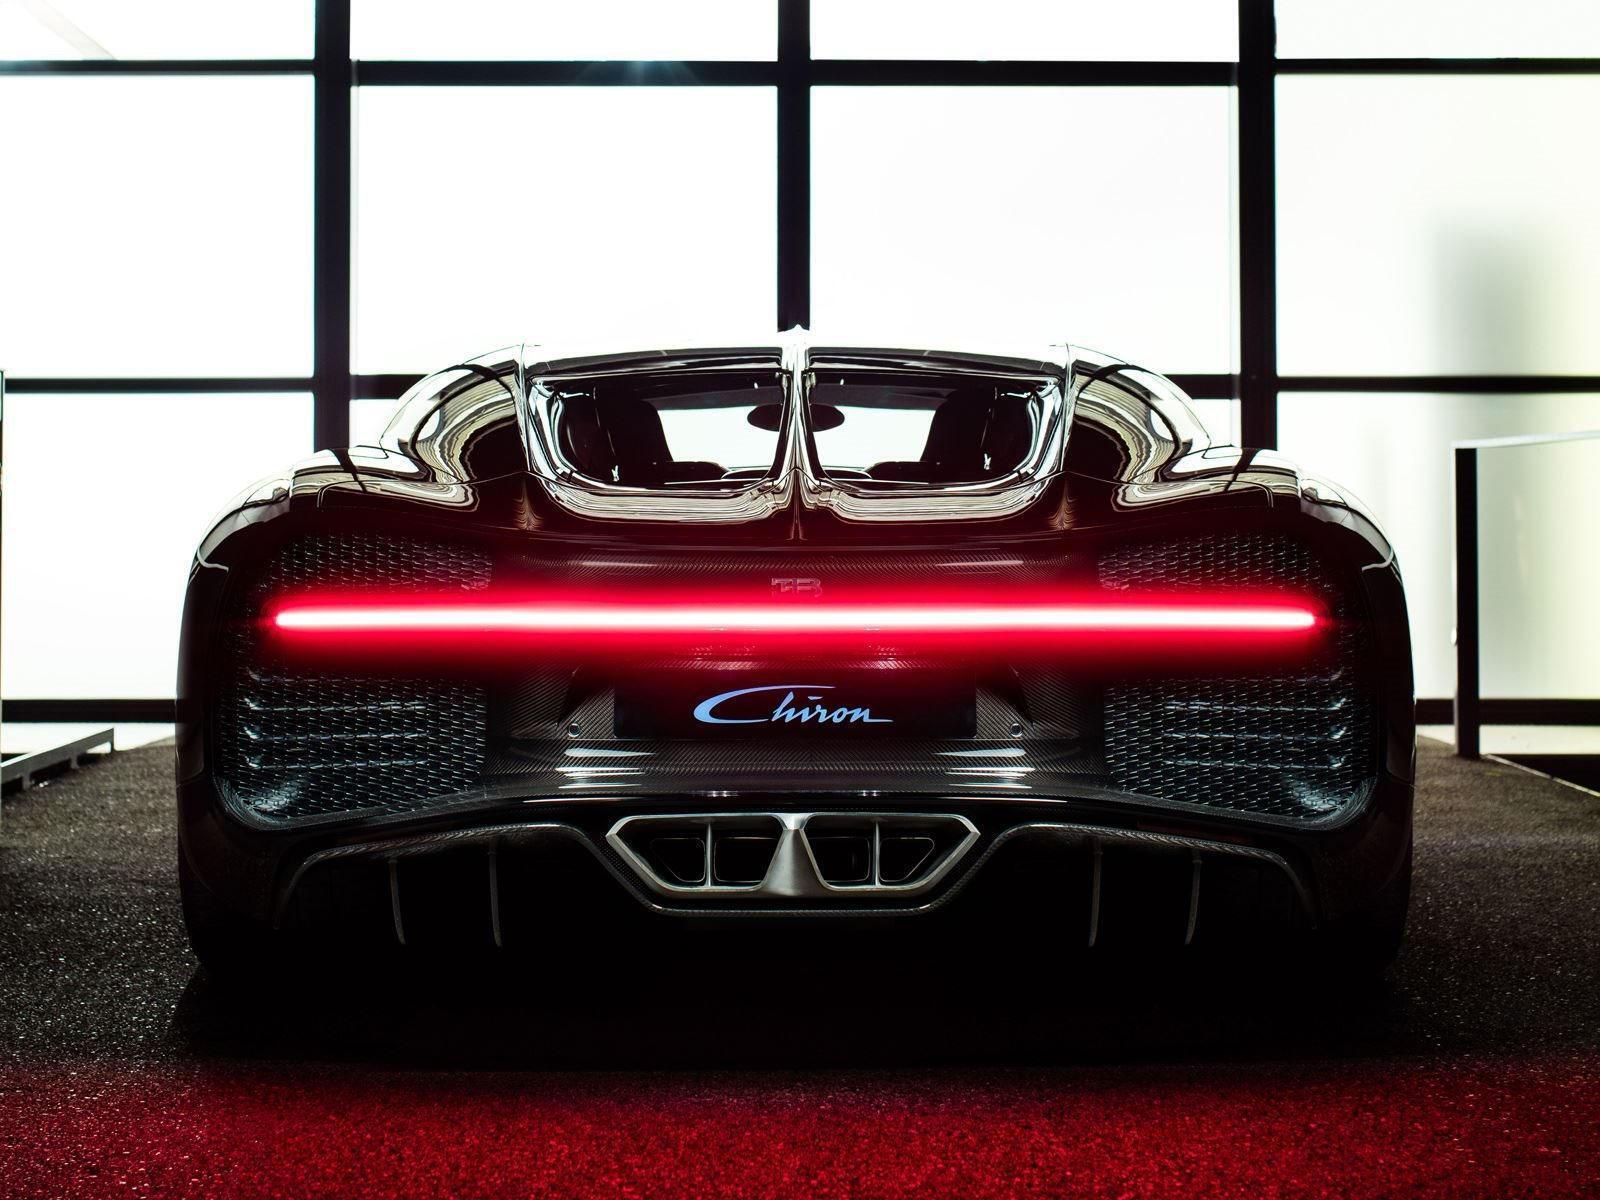 bugatti-ruc-rich-phat-trien-sieu-crossover-manh-hon-lamborghini-urus-5.jpg